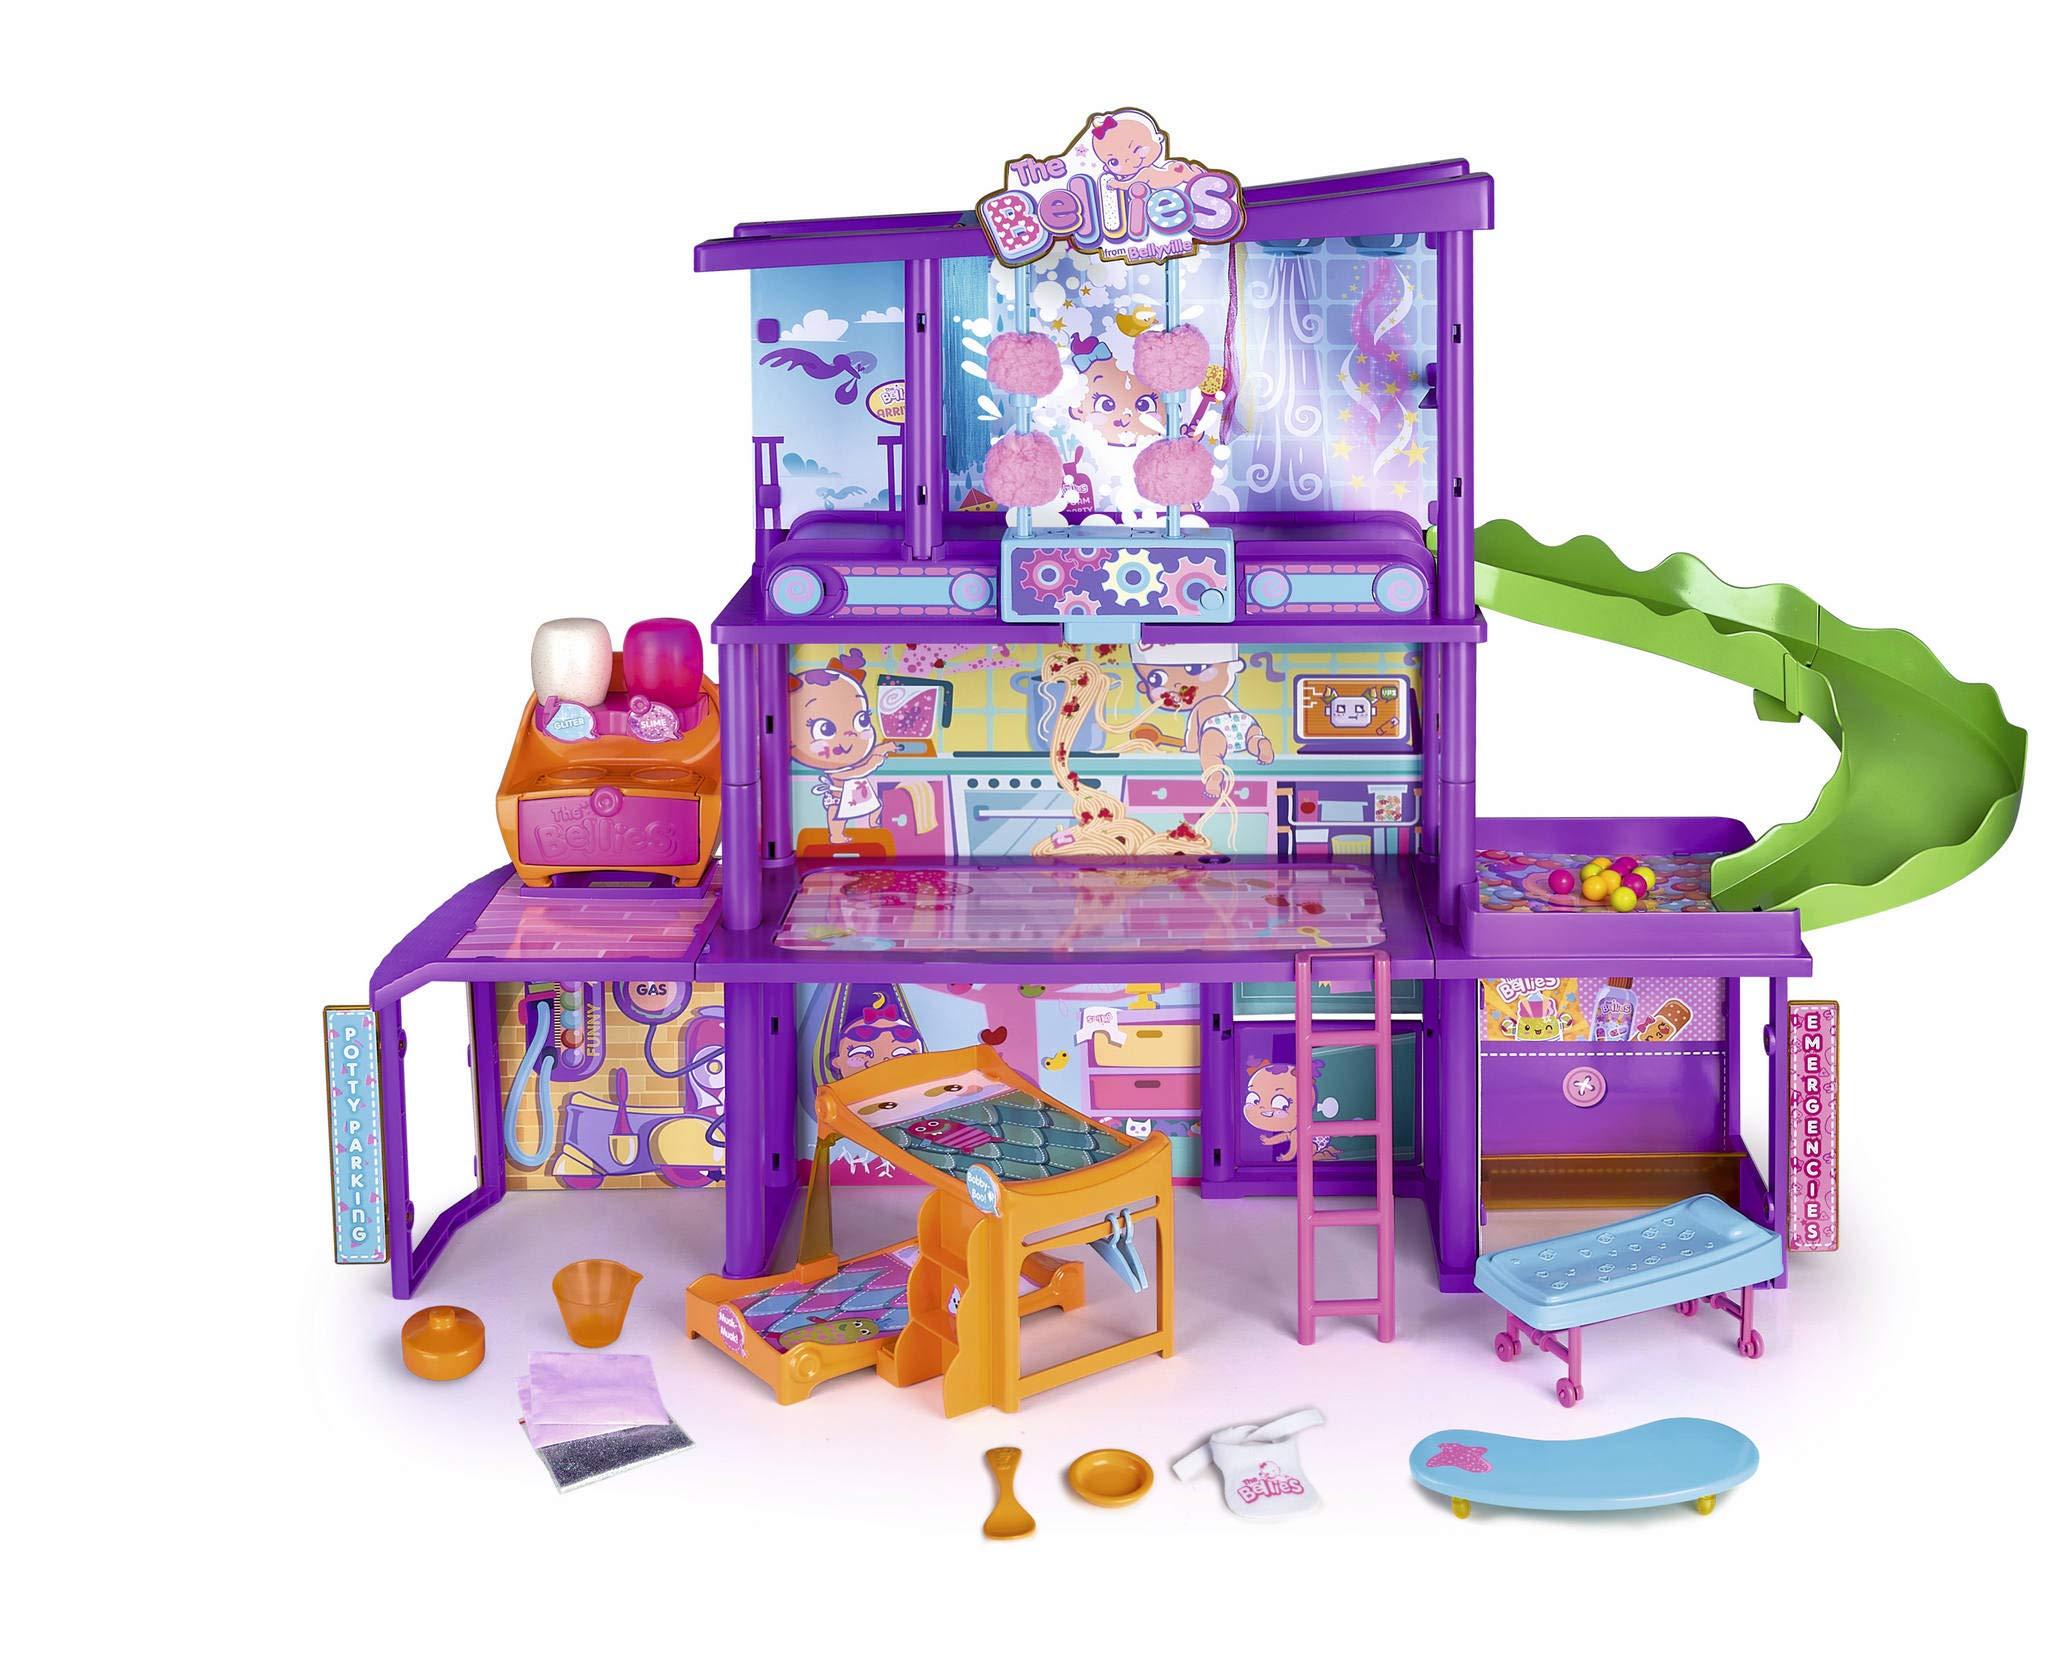 The Bellies – Bellie'S House, Casa de Los Bellies para Niños y Niñas a Partir de 3 Años, Multicolor, (Famosa 700015271)